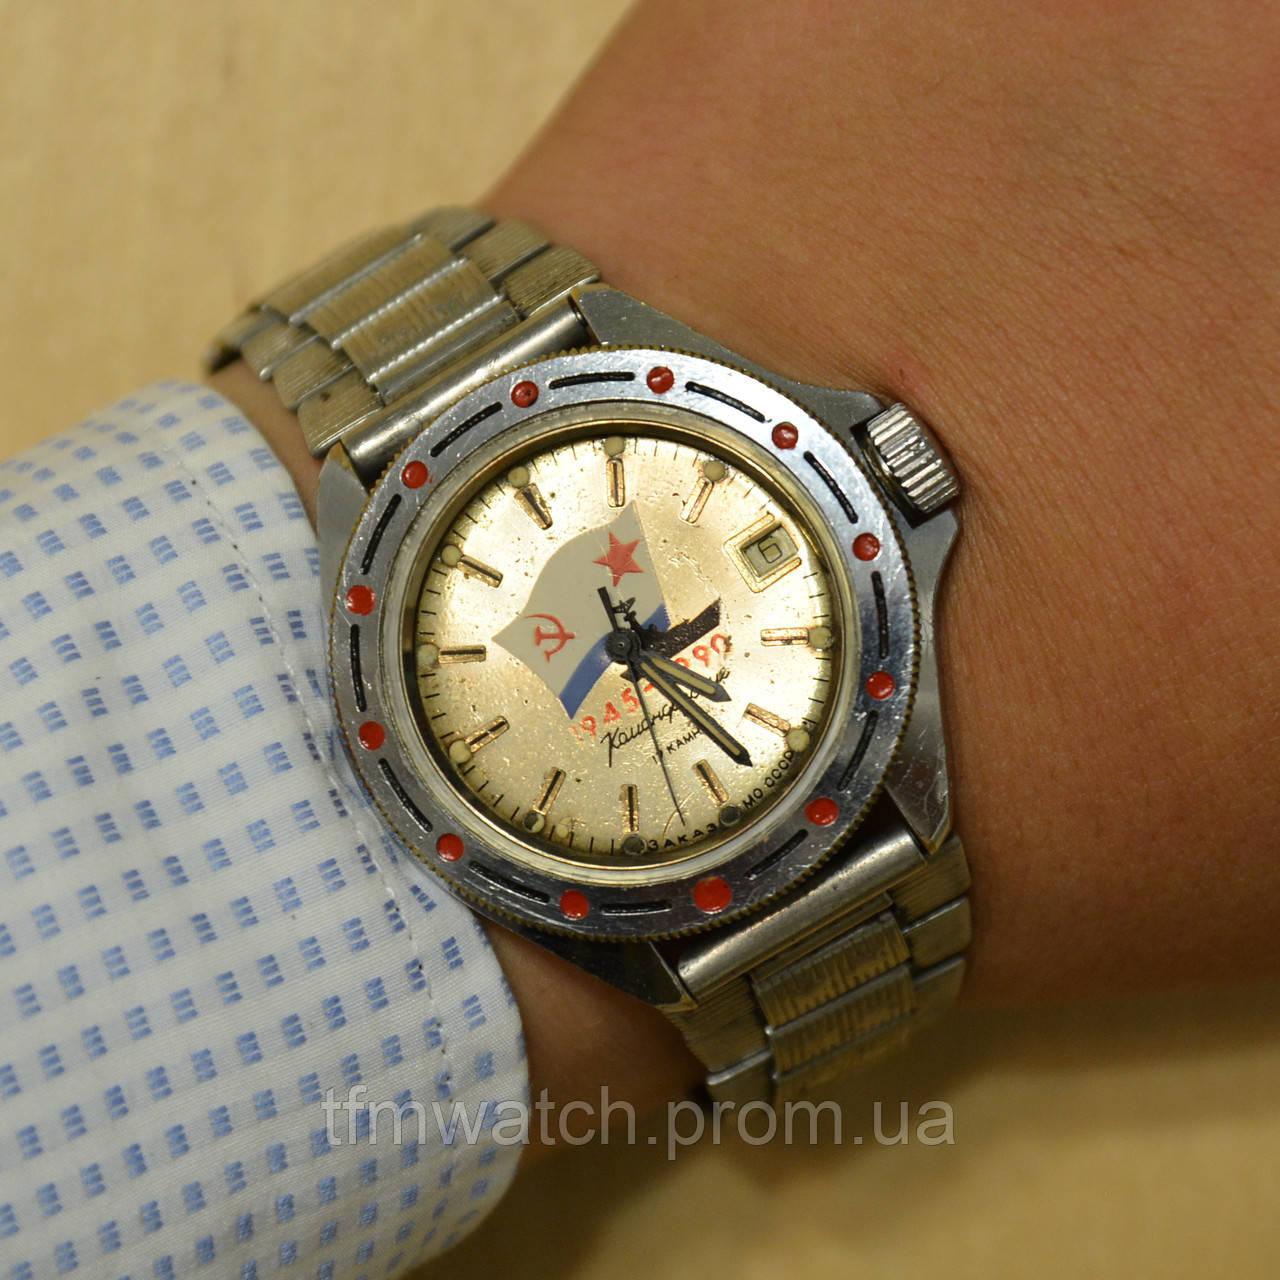 Купить часы 1990 купить часы фоссил женские в москве